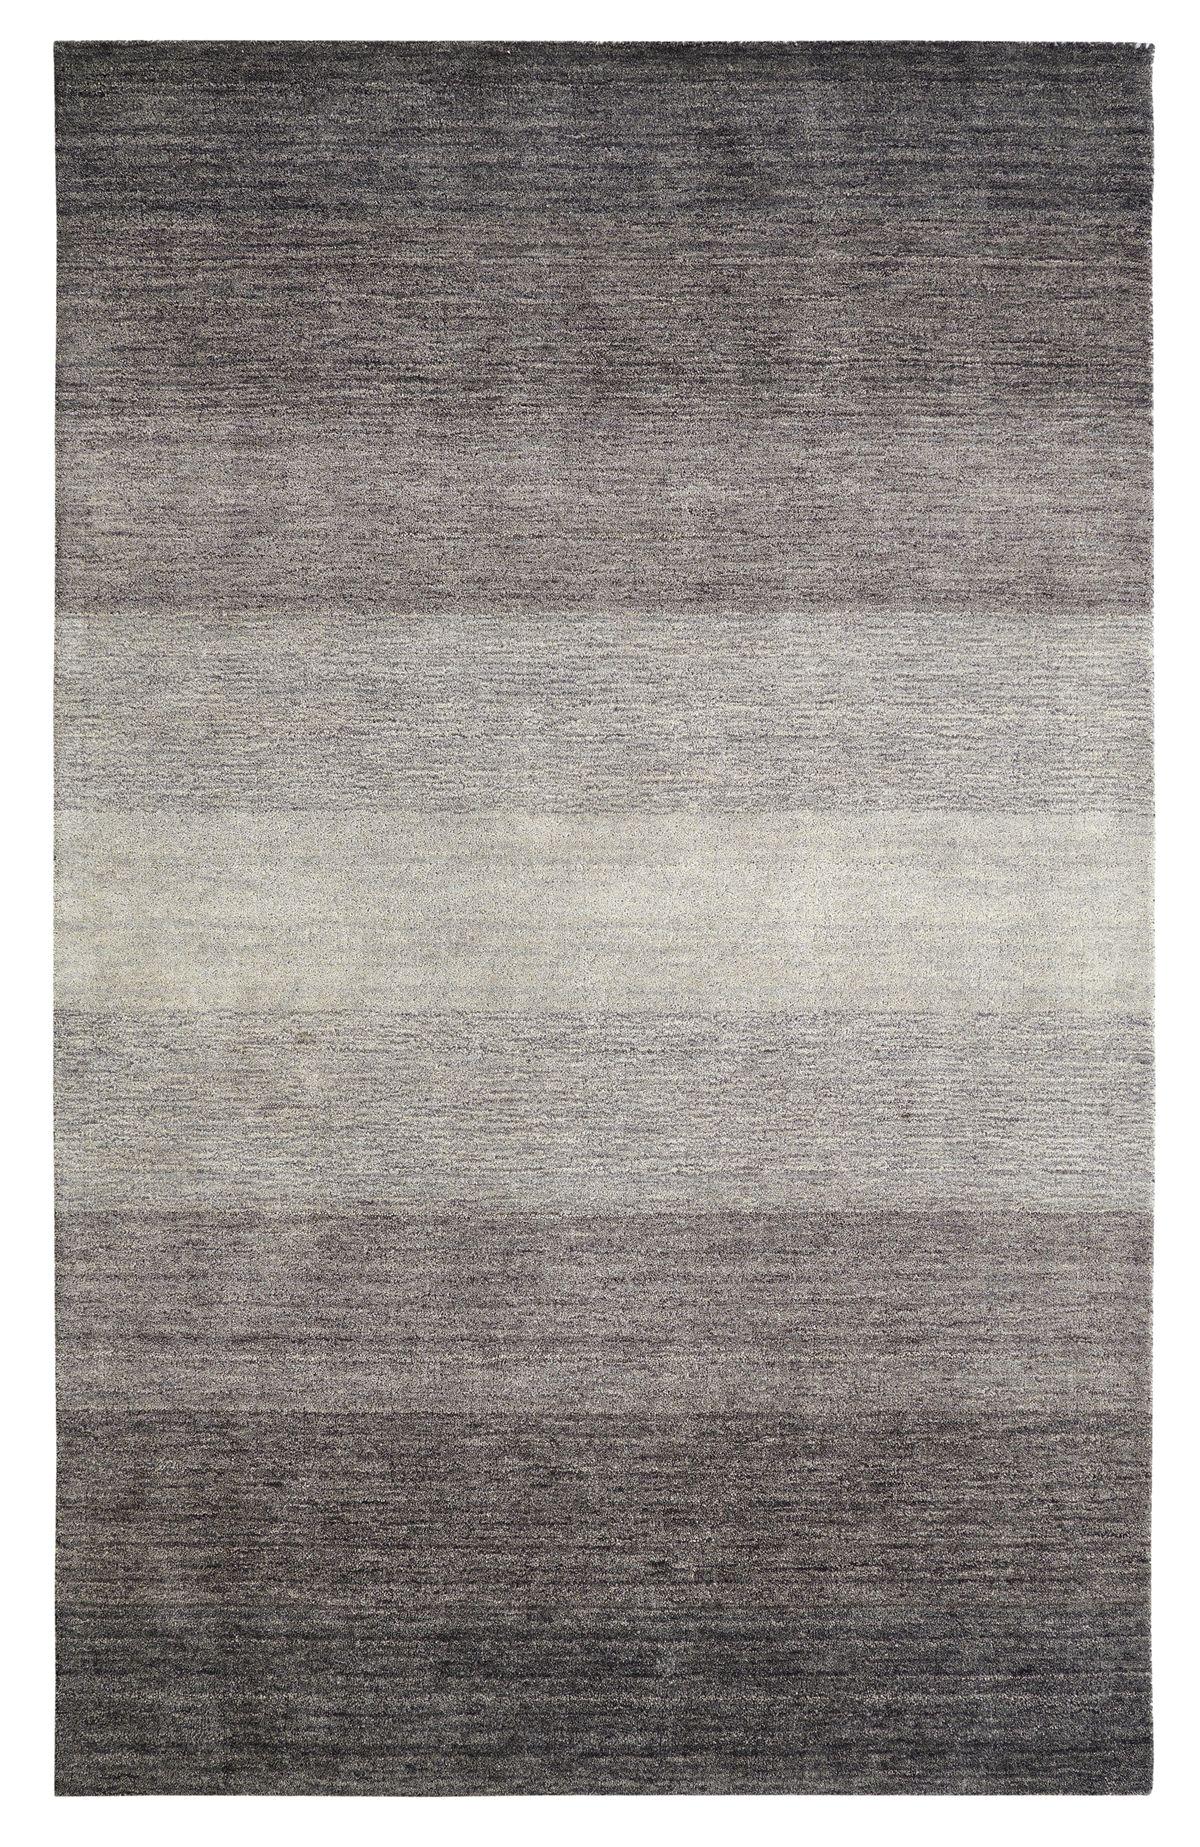 7 dynamic rugs city multi grey rug organizedliving organizedcloset